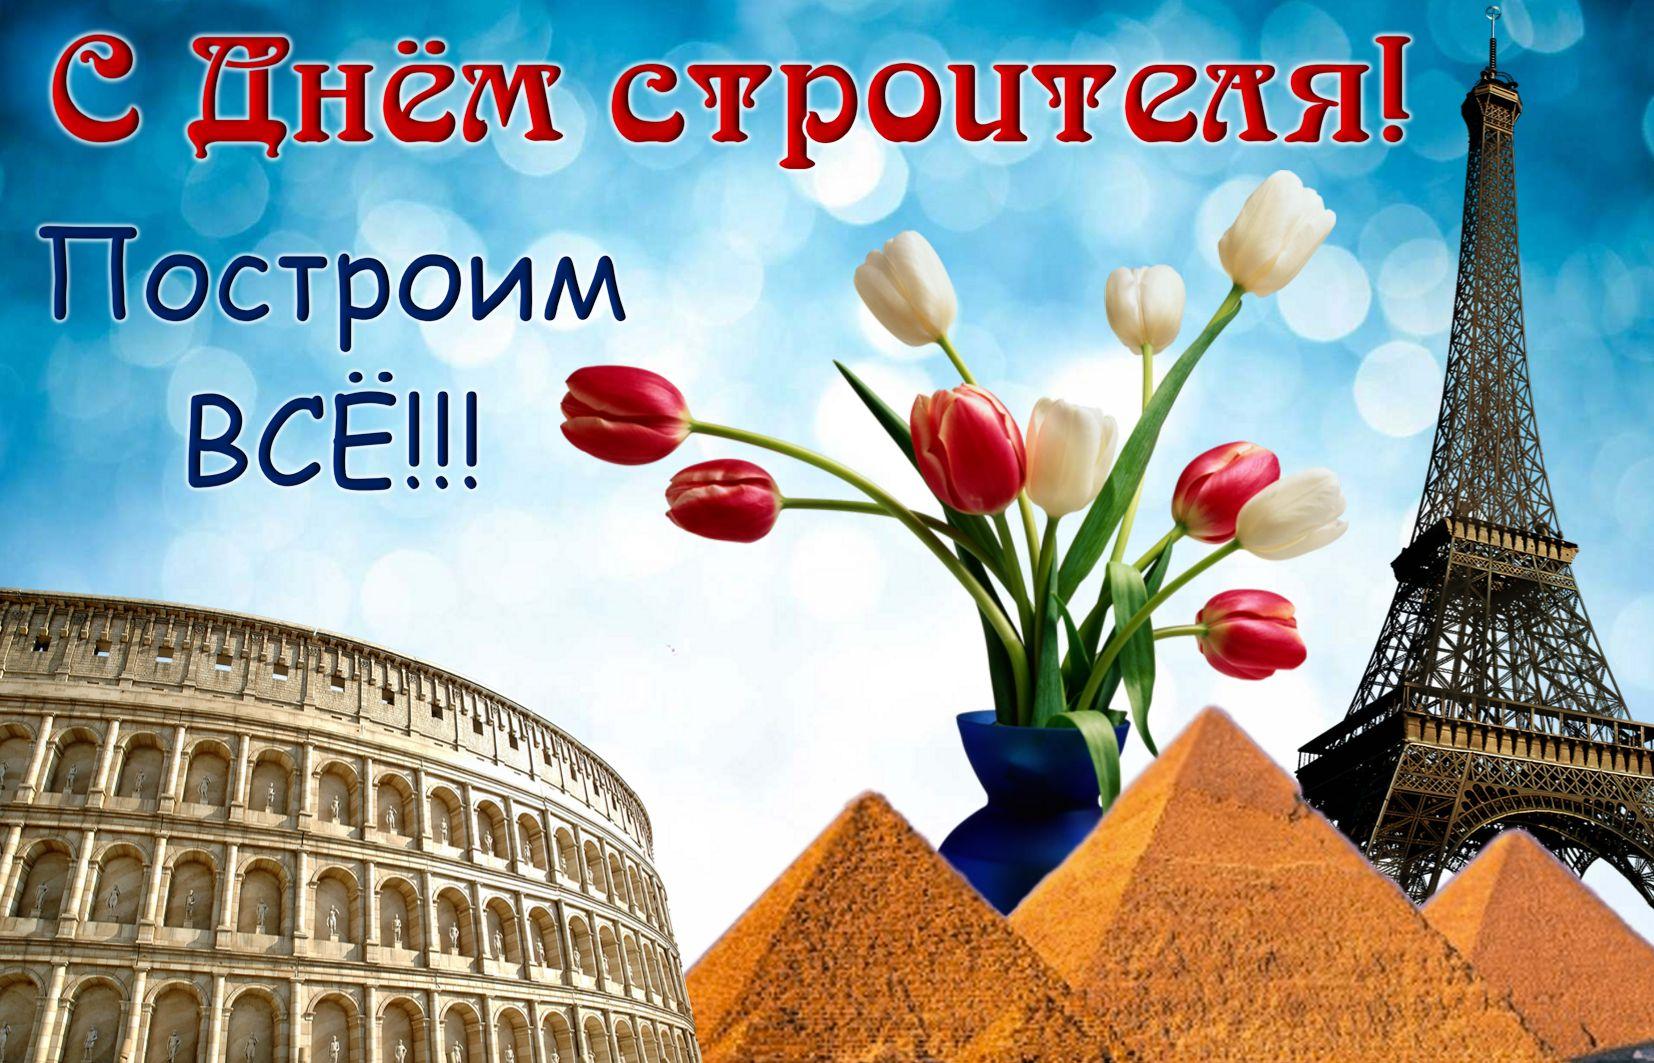 Открытка на День строителя - Колизей, пирамиды и Эйфелева башня